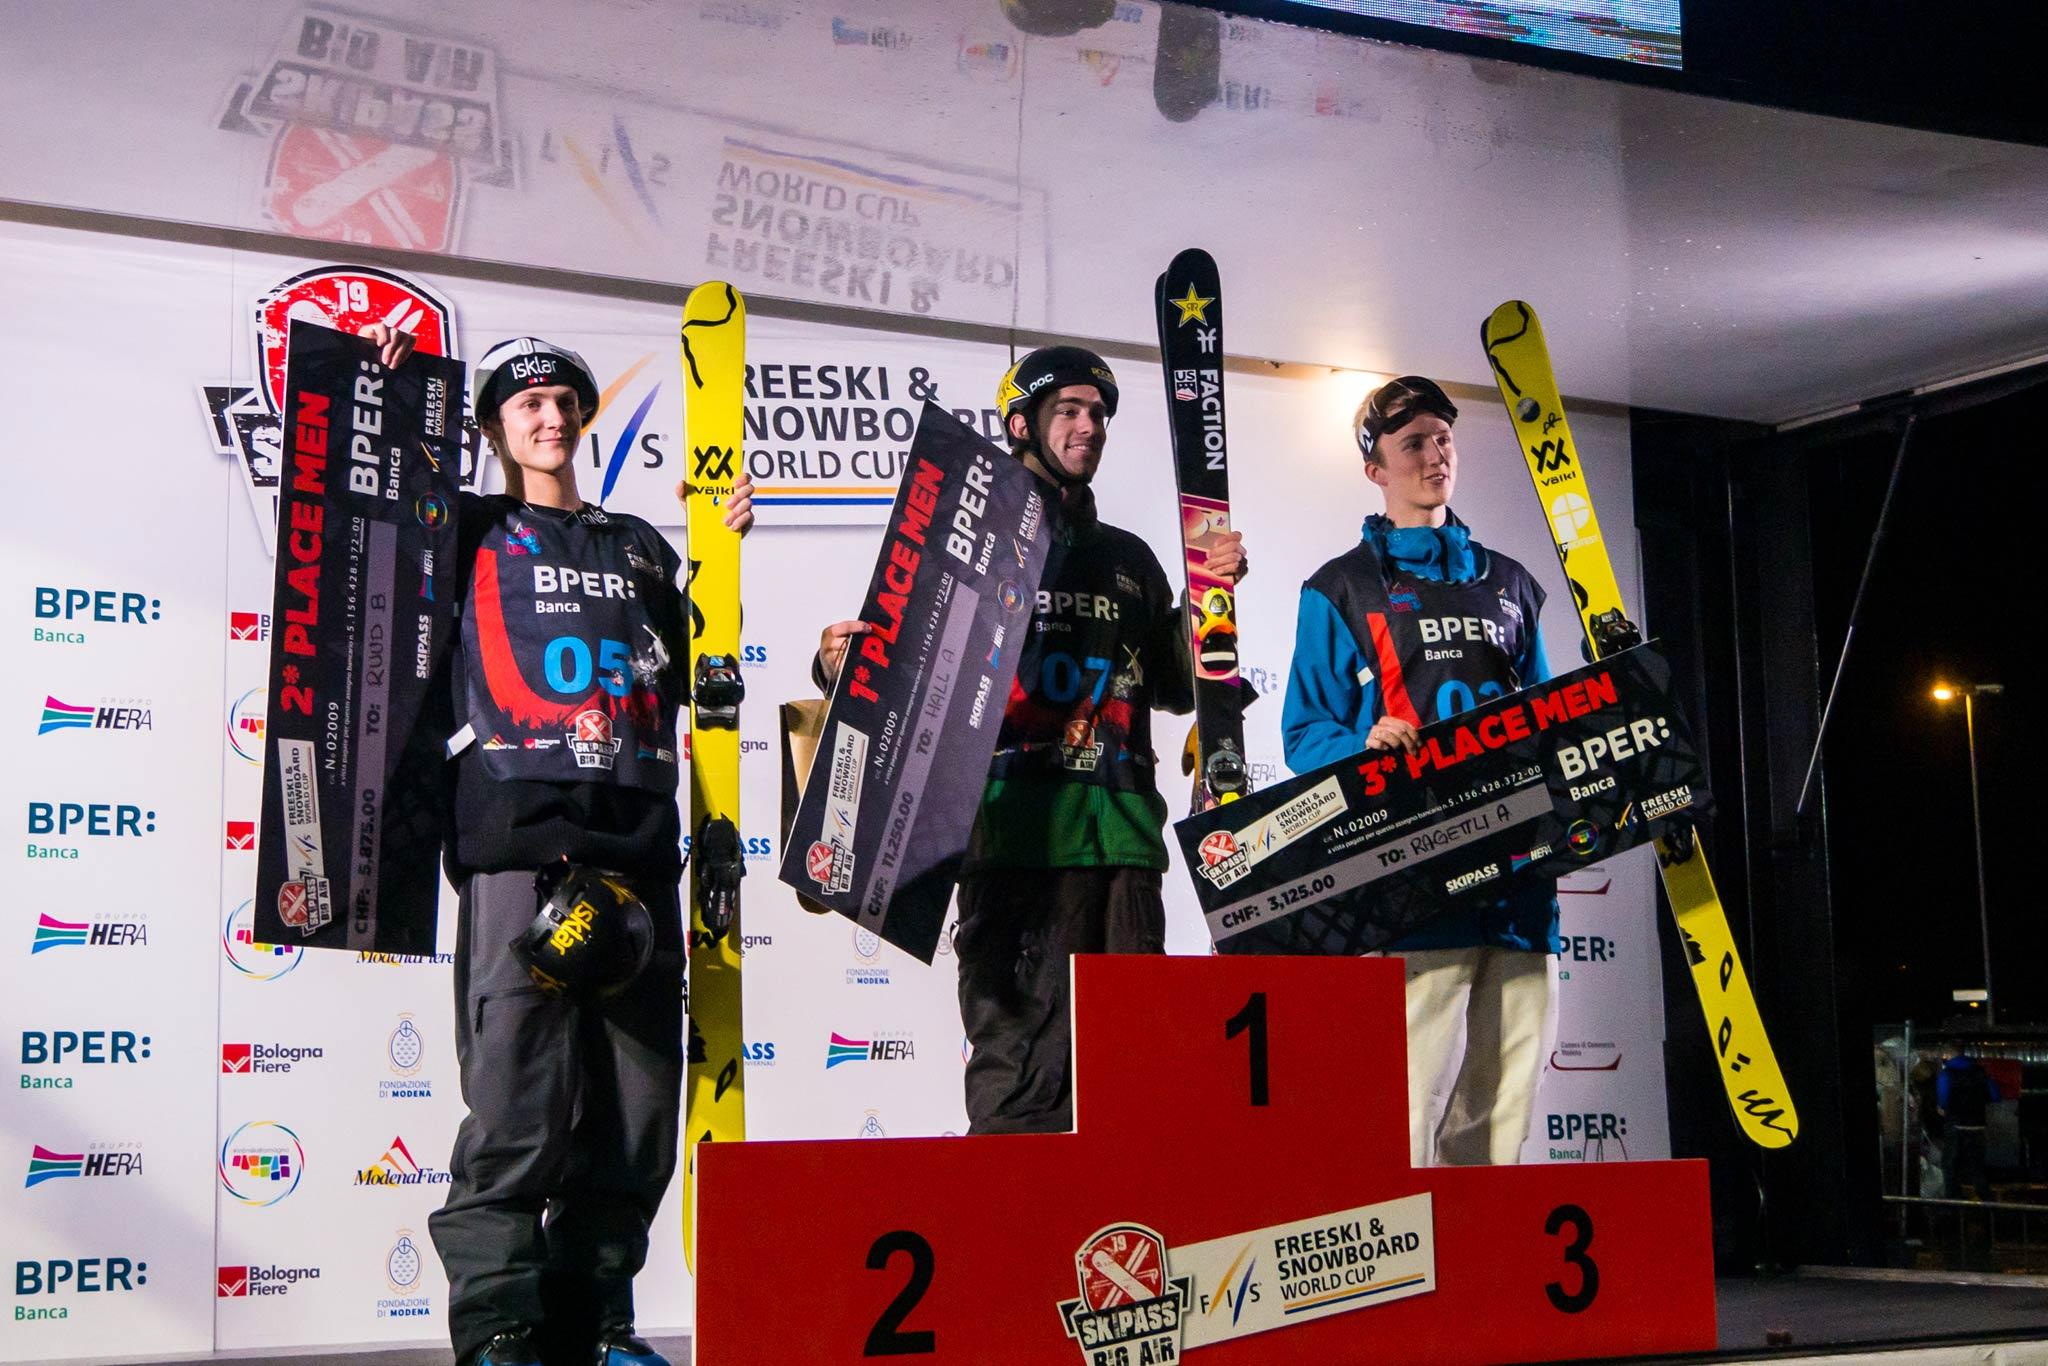 Die drei besten Männer beim FIS Freestyle Big Air Weltcup in Modena, Italien (2019): Birk Ruud (NOR), Alex Hall (USA), Andri Ragettli (SUI)